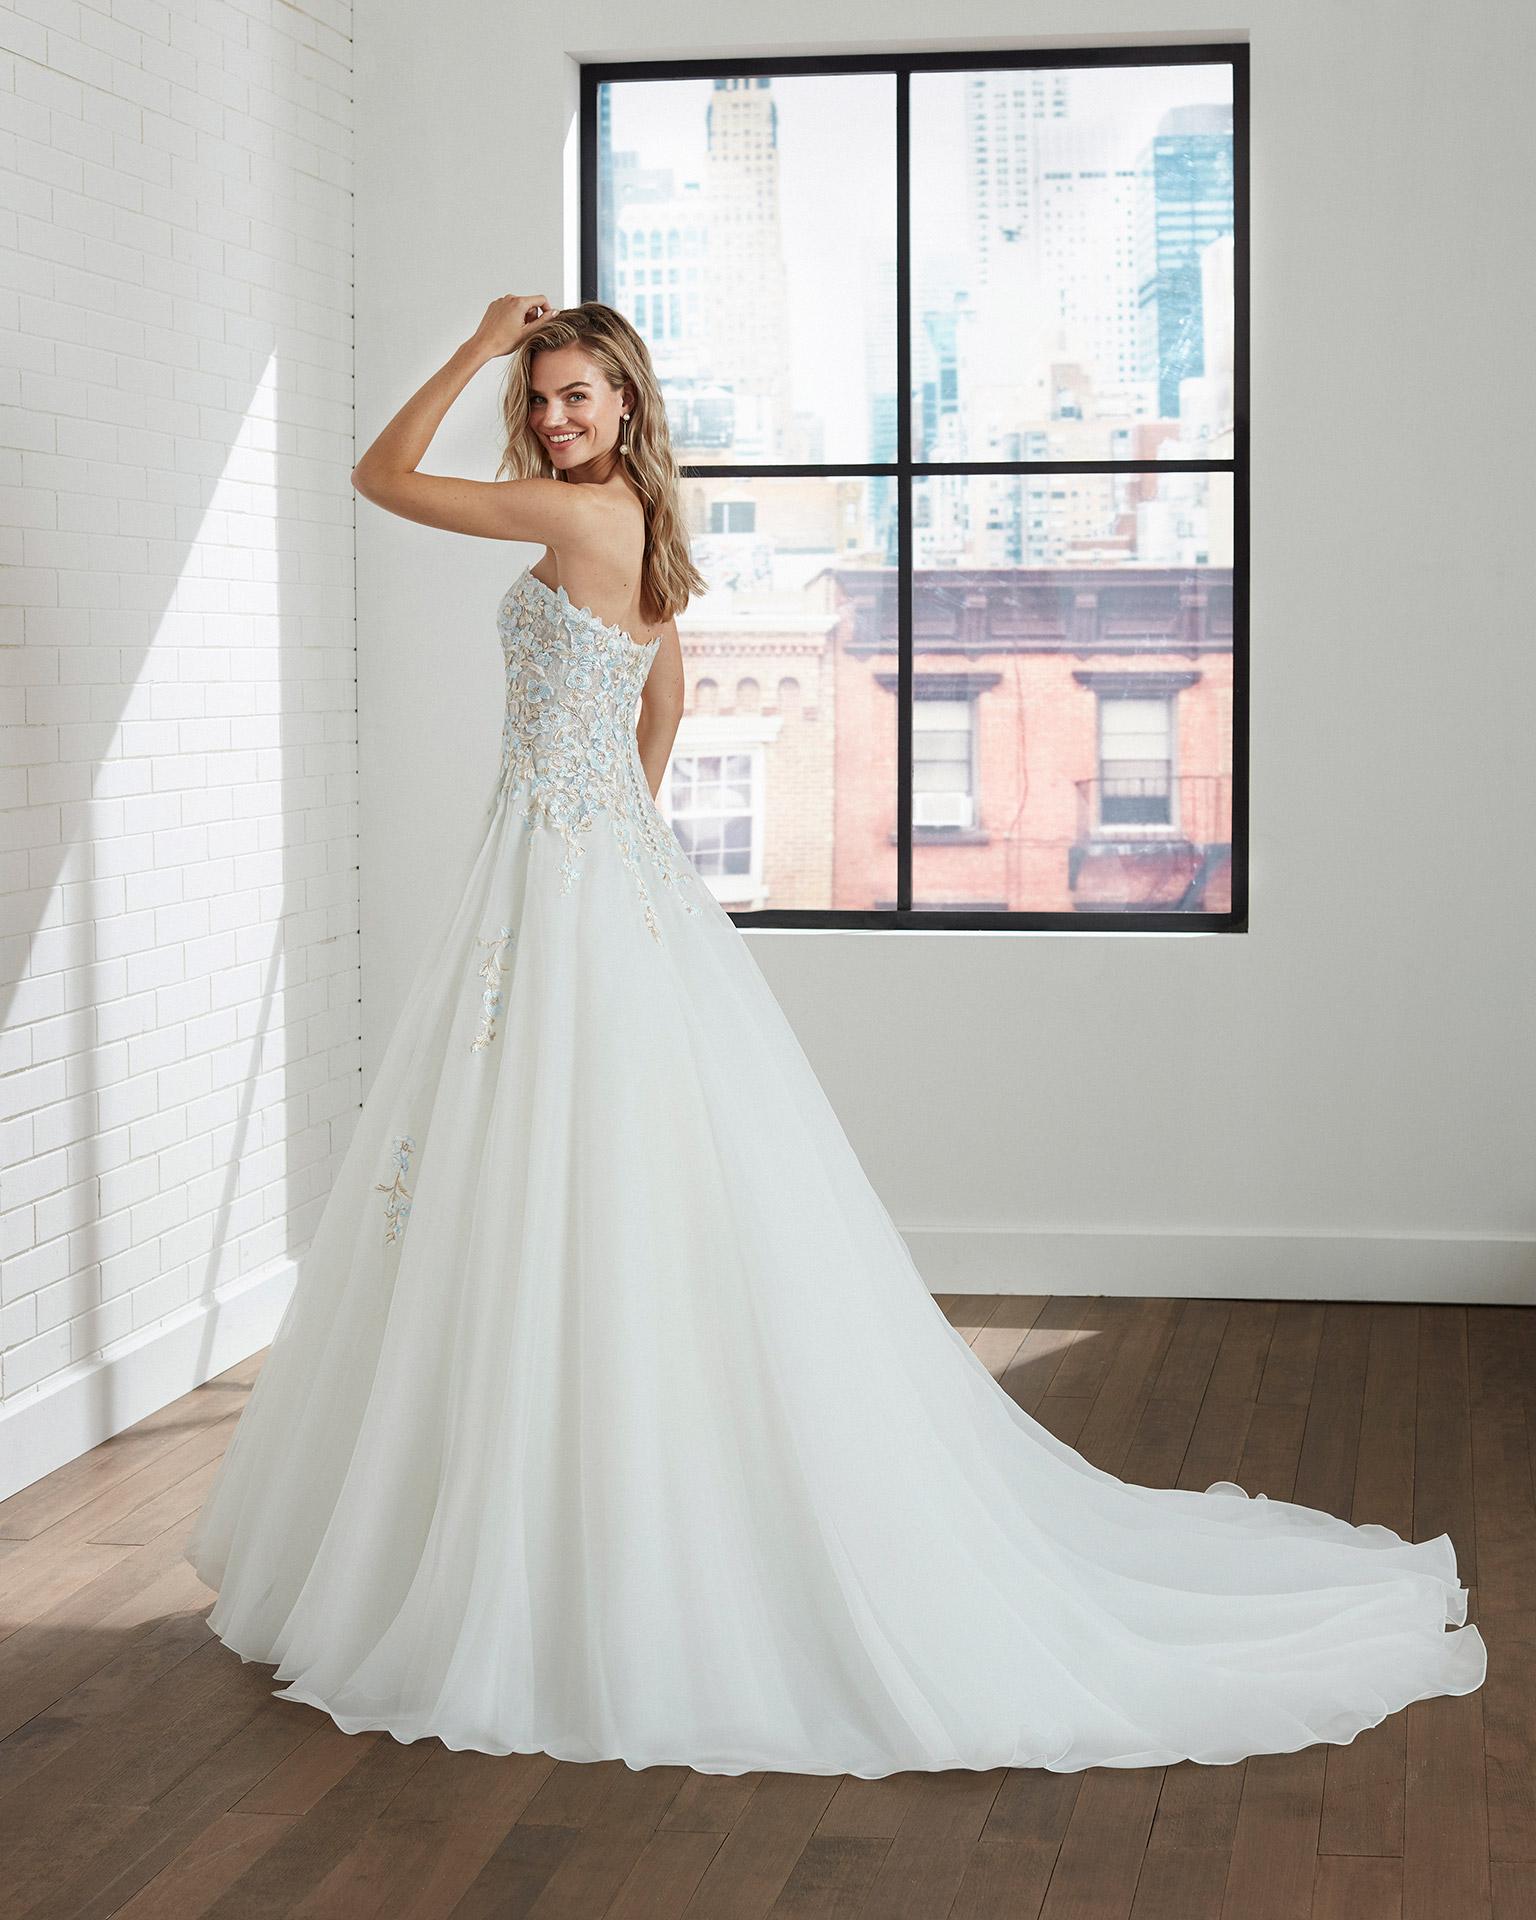 Vestido de novia estilo fantasía de garza y encaje, con escote palabra de honor. Colección  2020.